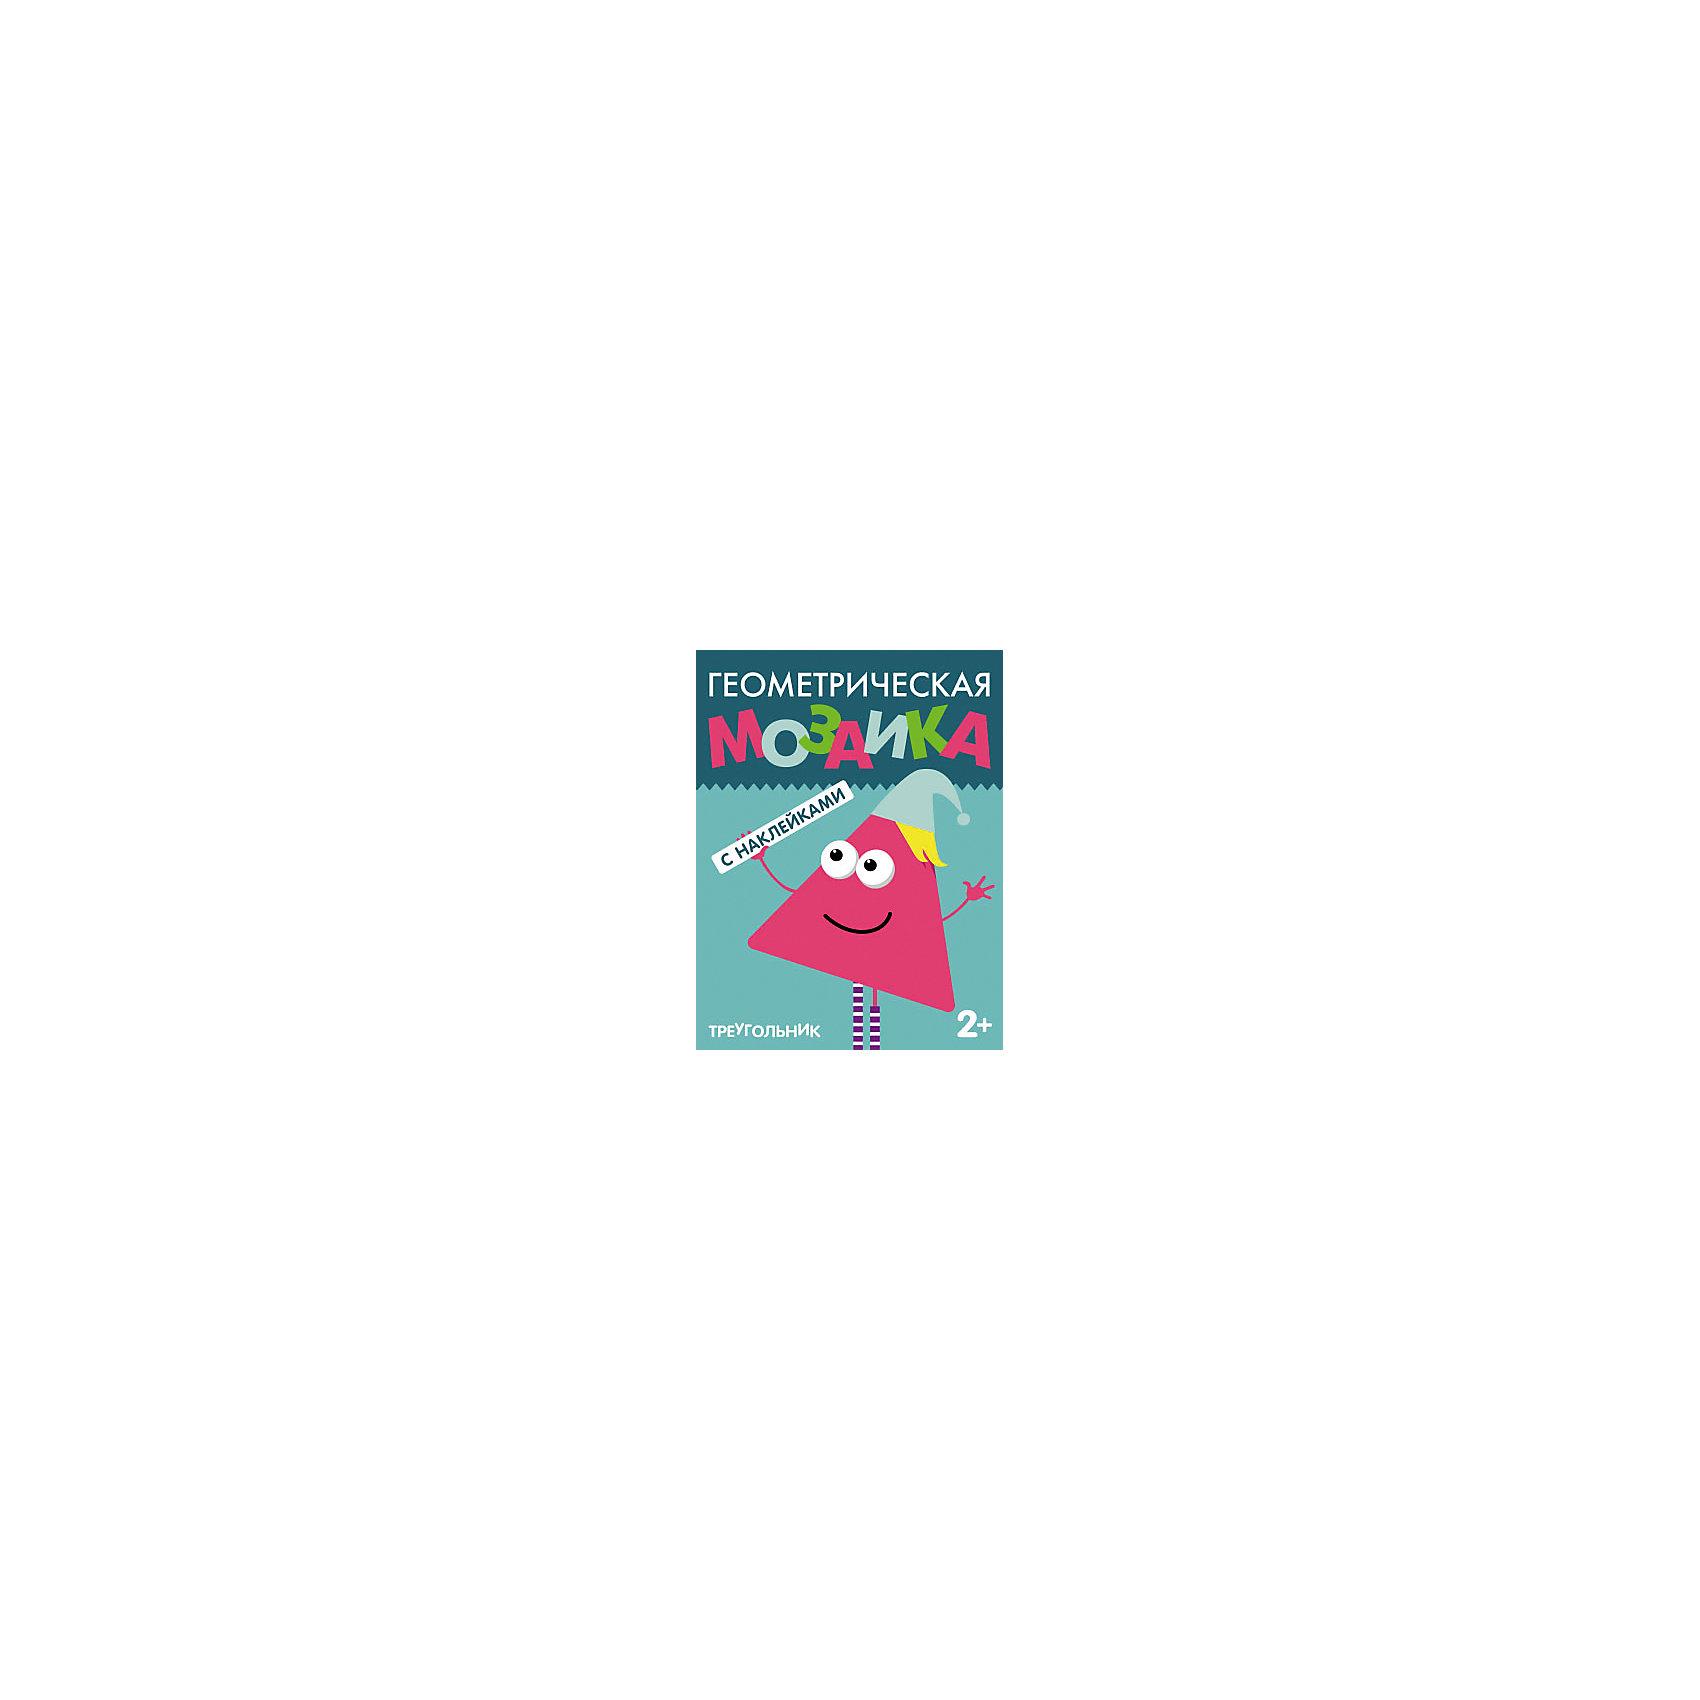 Геометрическая мозаика ТреугольникМозаика<br>Геометрическая мозаика «Треугольник»<br><br>Характеристики:<br>• издательство: Мозаика-Синтез;<br>• размер: 28х0,2х21,5 см.;<br>• количество страниц: 8;<br>• тип обложки: мягкая;<br>• иллюстрации: цветные;<br>• ISBN: 9785431505140;<br>• вес: 80 г.;<br>• для детей в возрасте: от 2-х лет года;<br>• страна производитель: Россия.<br>Развивающая мозаика предназначена для маленьких детей от двух лет. С её помощью ребёнок сможет называть животных, отвечать за увлекательные вопросы и вклеивать геометрические фигуры. Яркие наклейки в виде треугольников вклеиваются по смыслу в пропущенные на картинке белые места. На наклейках треугольников формы изображены замысловатые рисунки животных, узоров и не только. Занимаясь с этой книжкой дети смогут развивать мелкую моторику рук, чувство цвета, творческие способности, логику. Отвечая на вопросы и выполняя задания дети развивают память, словарный запас, учатся правильно формировать и строить предложения, запоминают основные правила русского языка.<br>Геометрическую мозаику «Треугольник» можно купить в нашем интернет-магазине.<br><br>Ширина мм: 40<br>Глубина мм: 215<br>Высота мм: 280<br>Вес г: 80<br>Возраст от месяцев: 24<br>Возраст до месяцев: 48<br>Пол: Унисекс<br>Возраст: Детский<br>SKU: 5562619